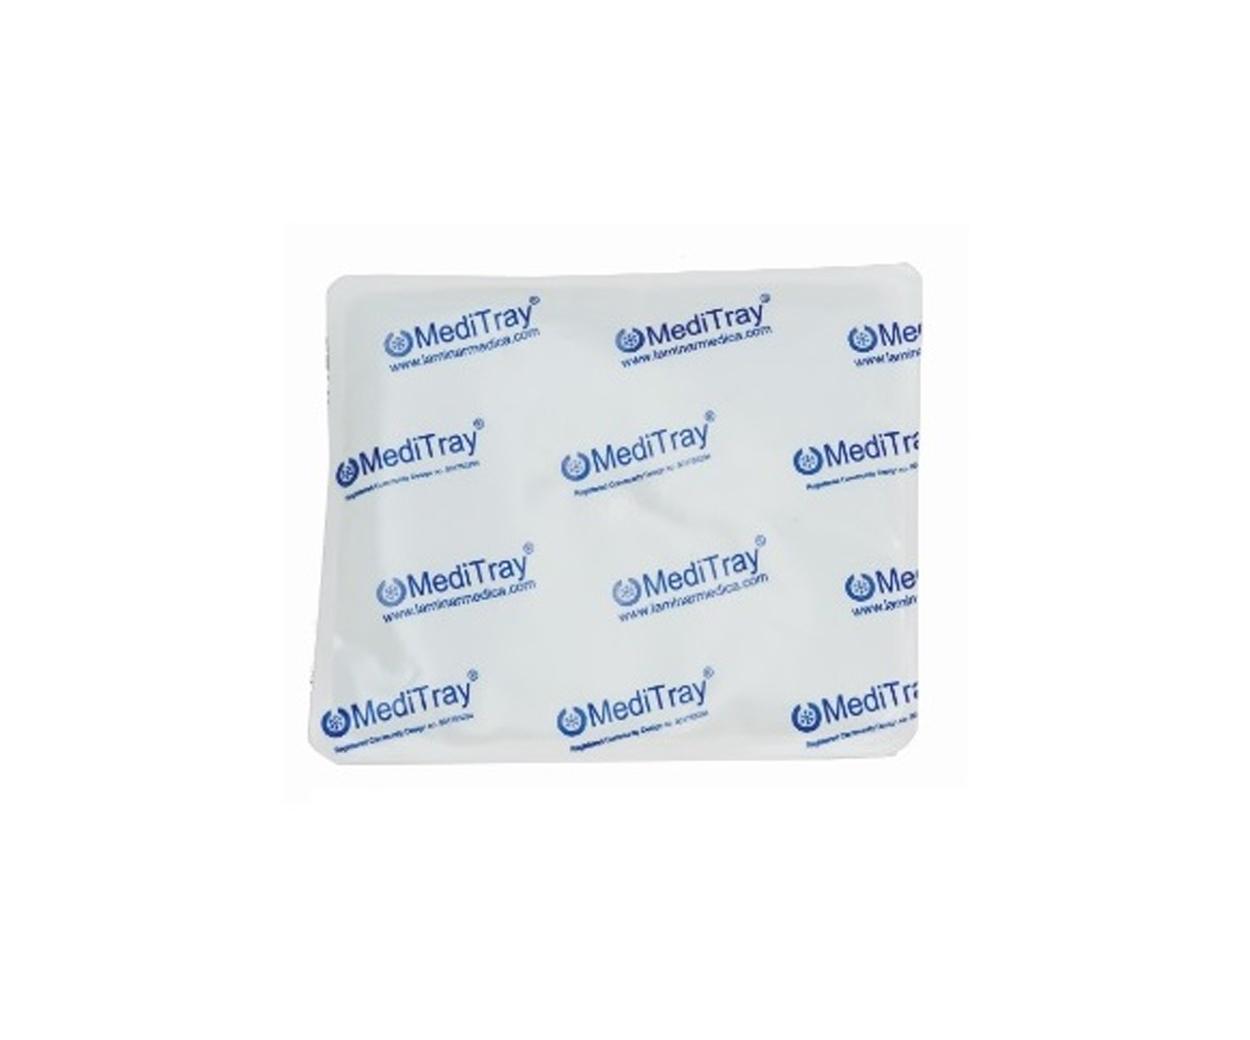 MediTray 28 Porter Cool Pack - Pack of 20 (x2)